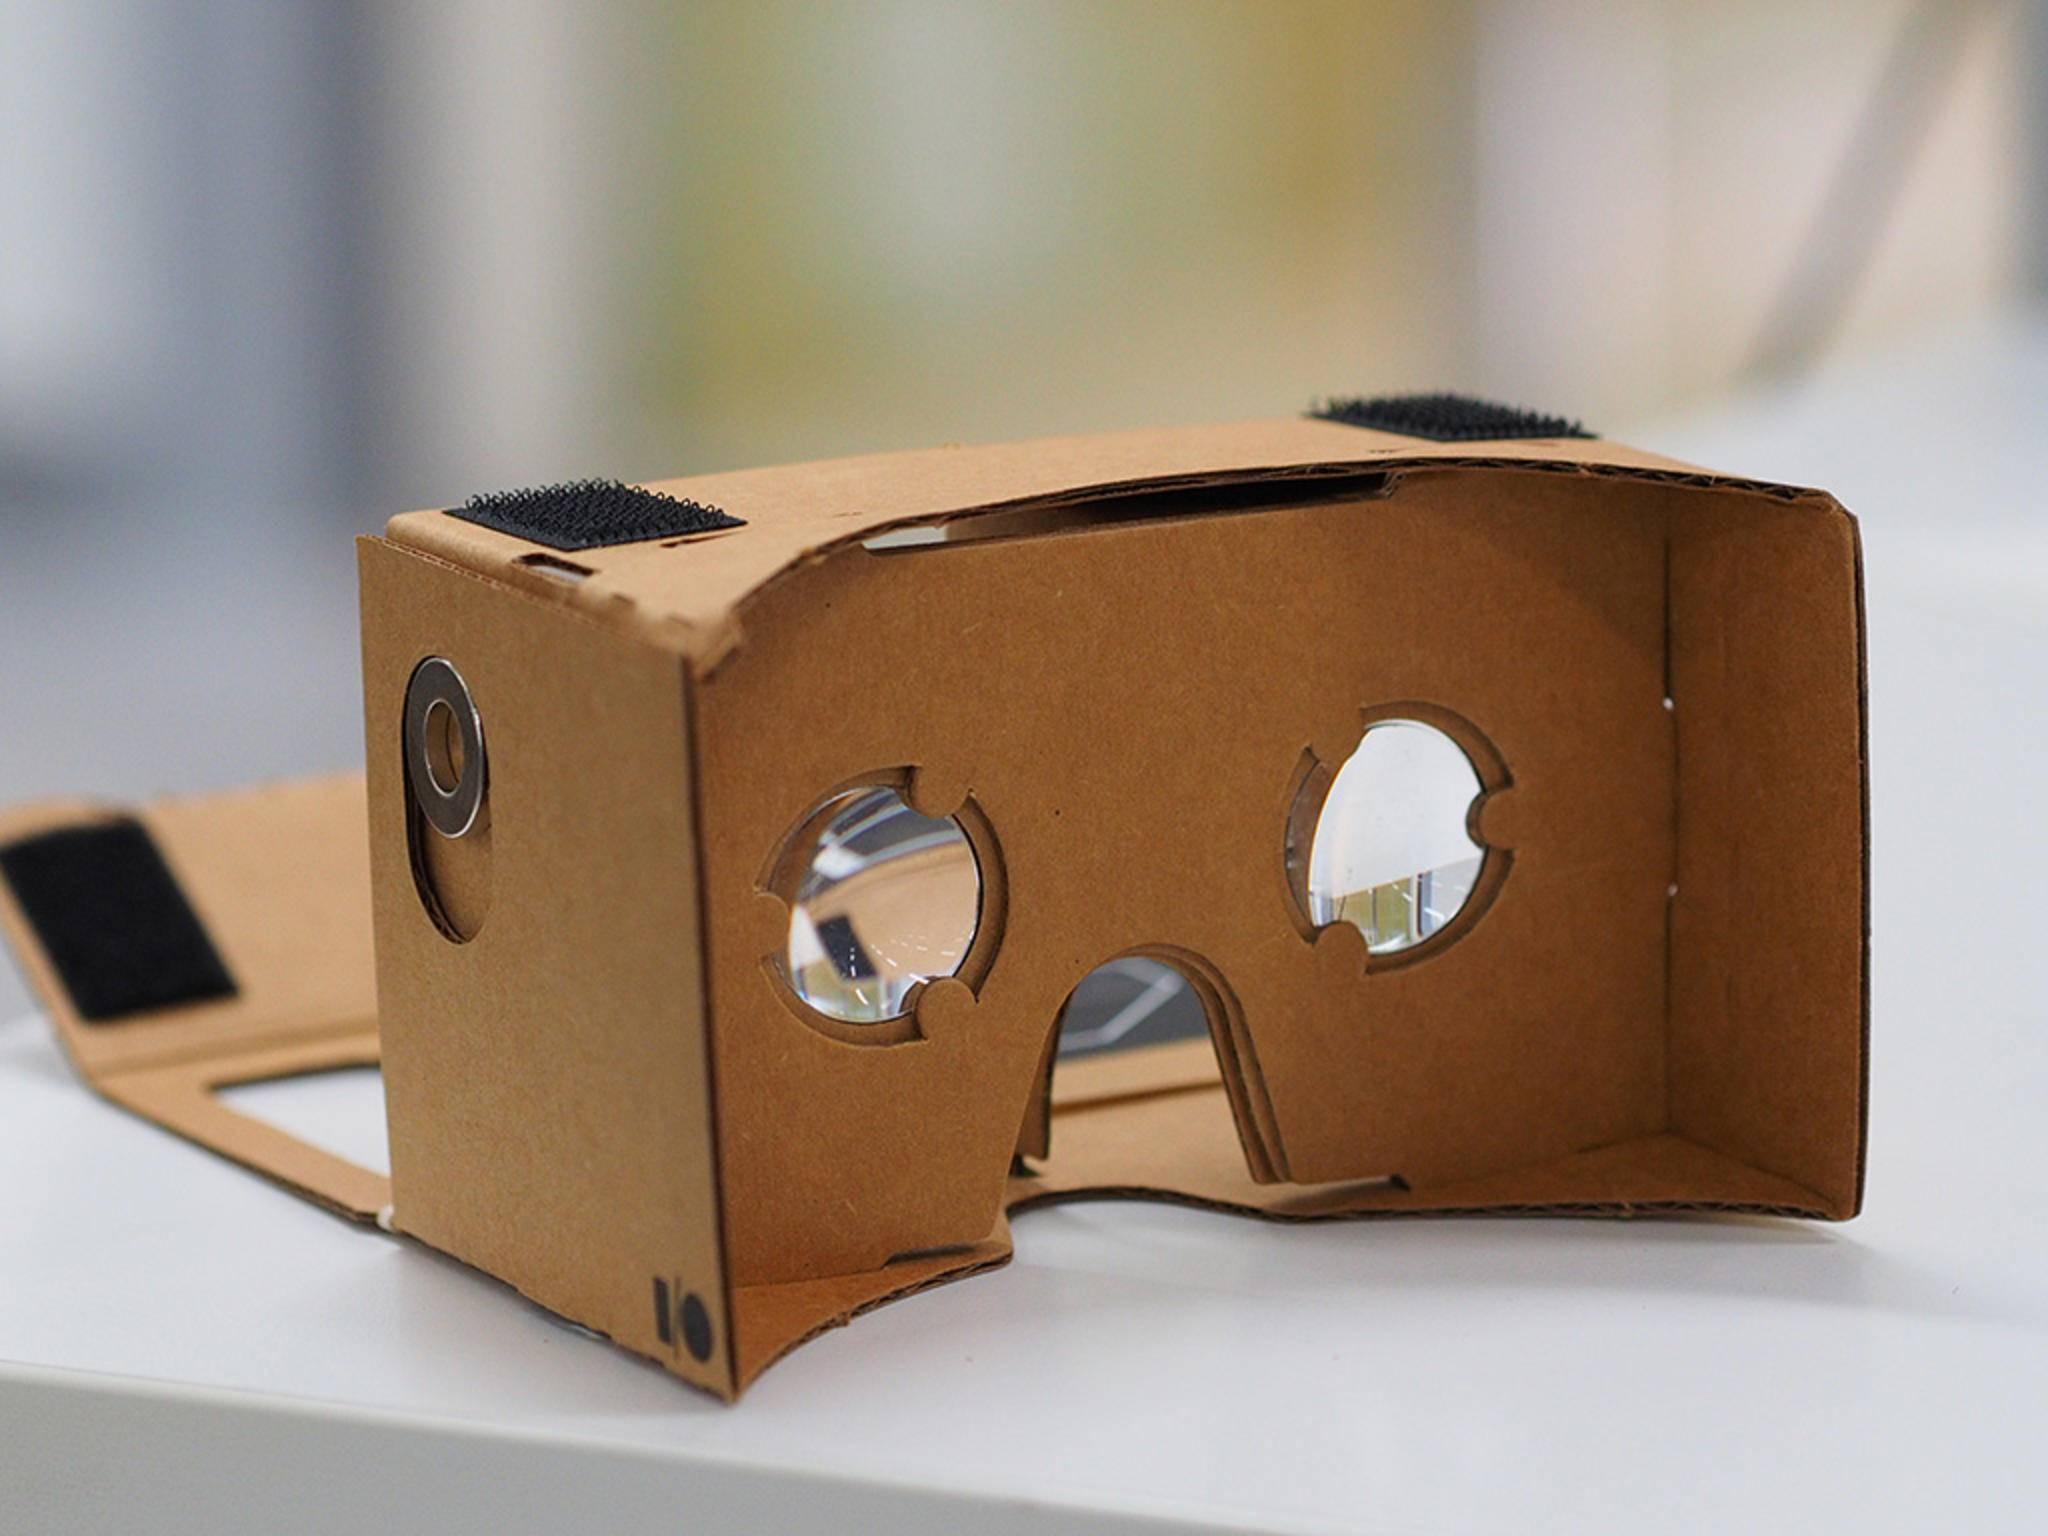 Google Cardboard: Günstig, aber keine Konkurrenz für Oculus Rift oder HTC Vive.